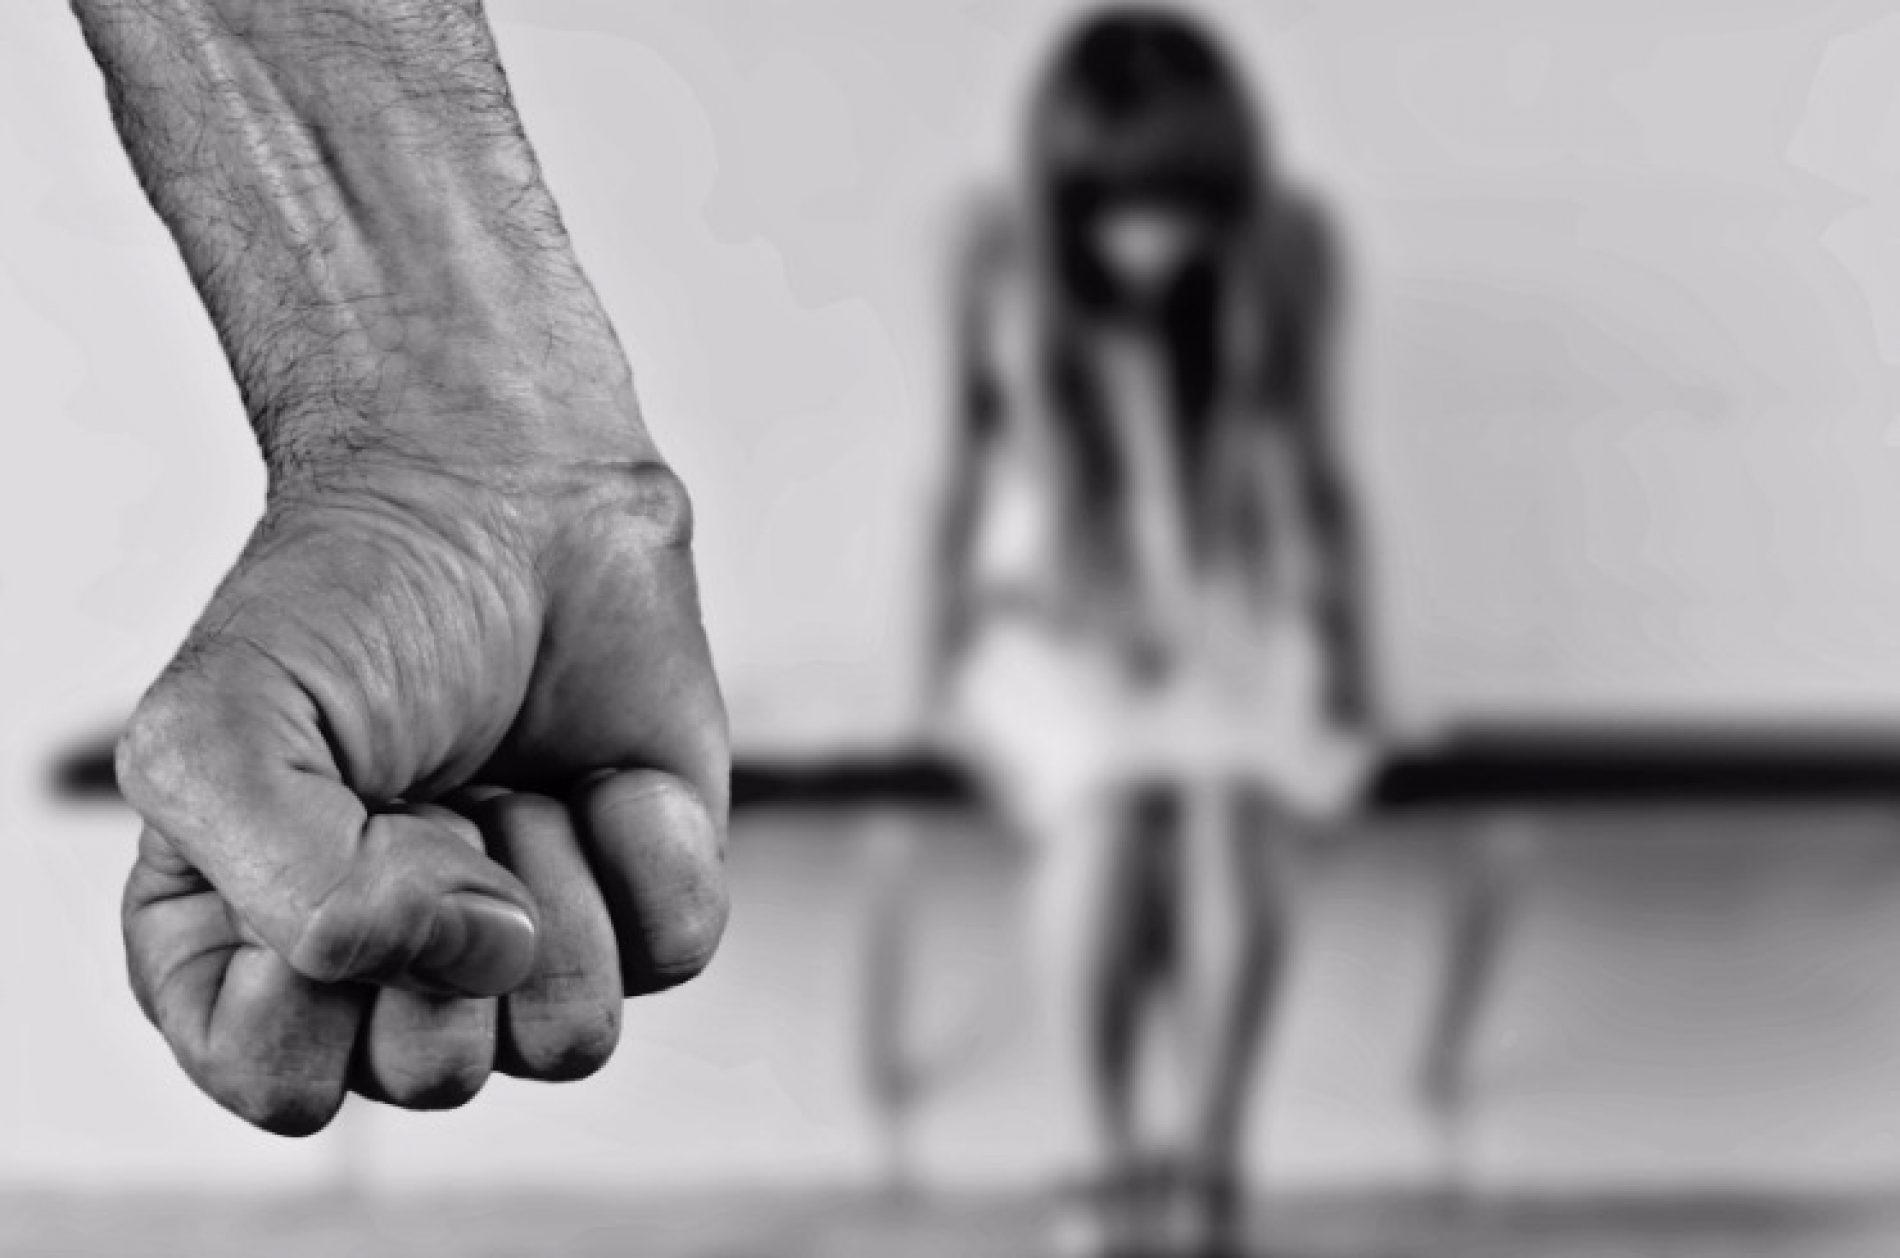 BARRETOS: Operador de máquinas é preso depois de agredir mulher a cadeiradas e ferir a sogra